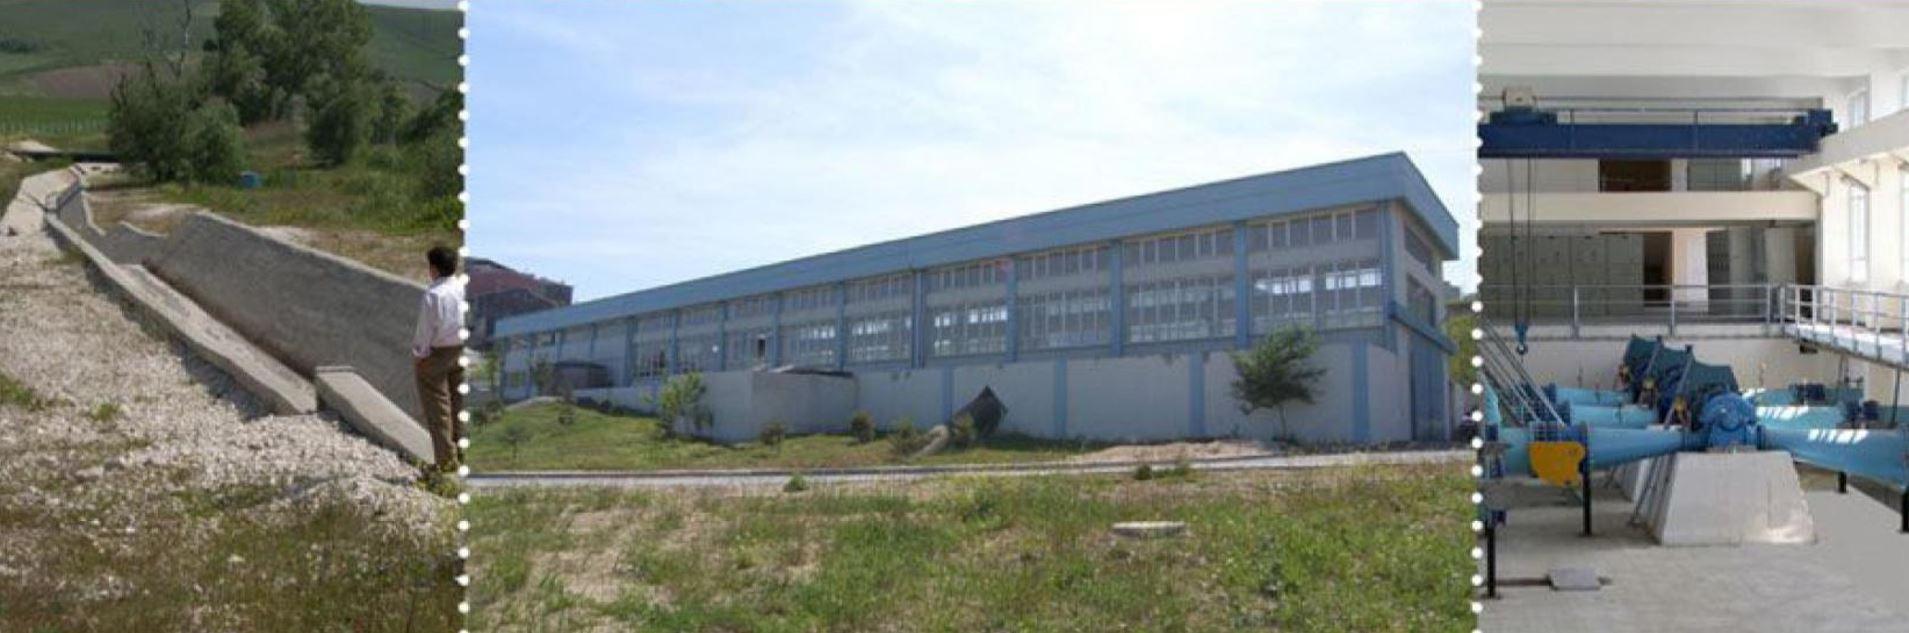 İstanbul Kıraç Terfi Merkezi Projesi